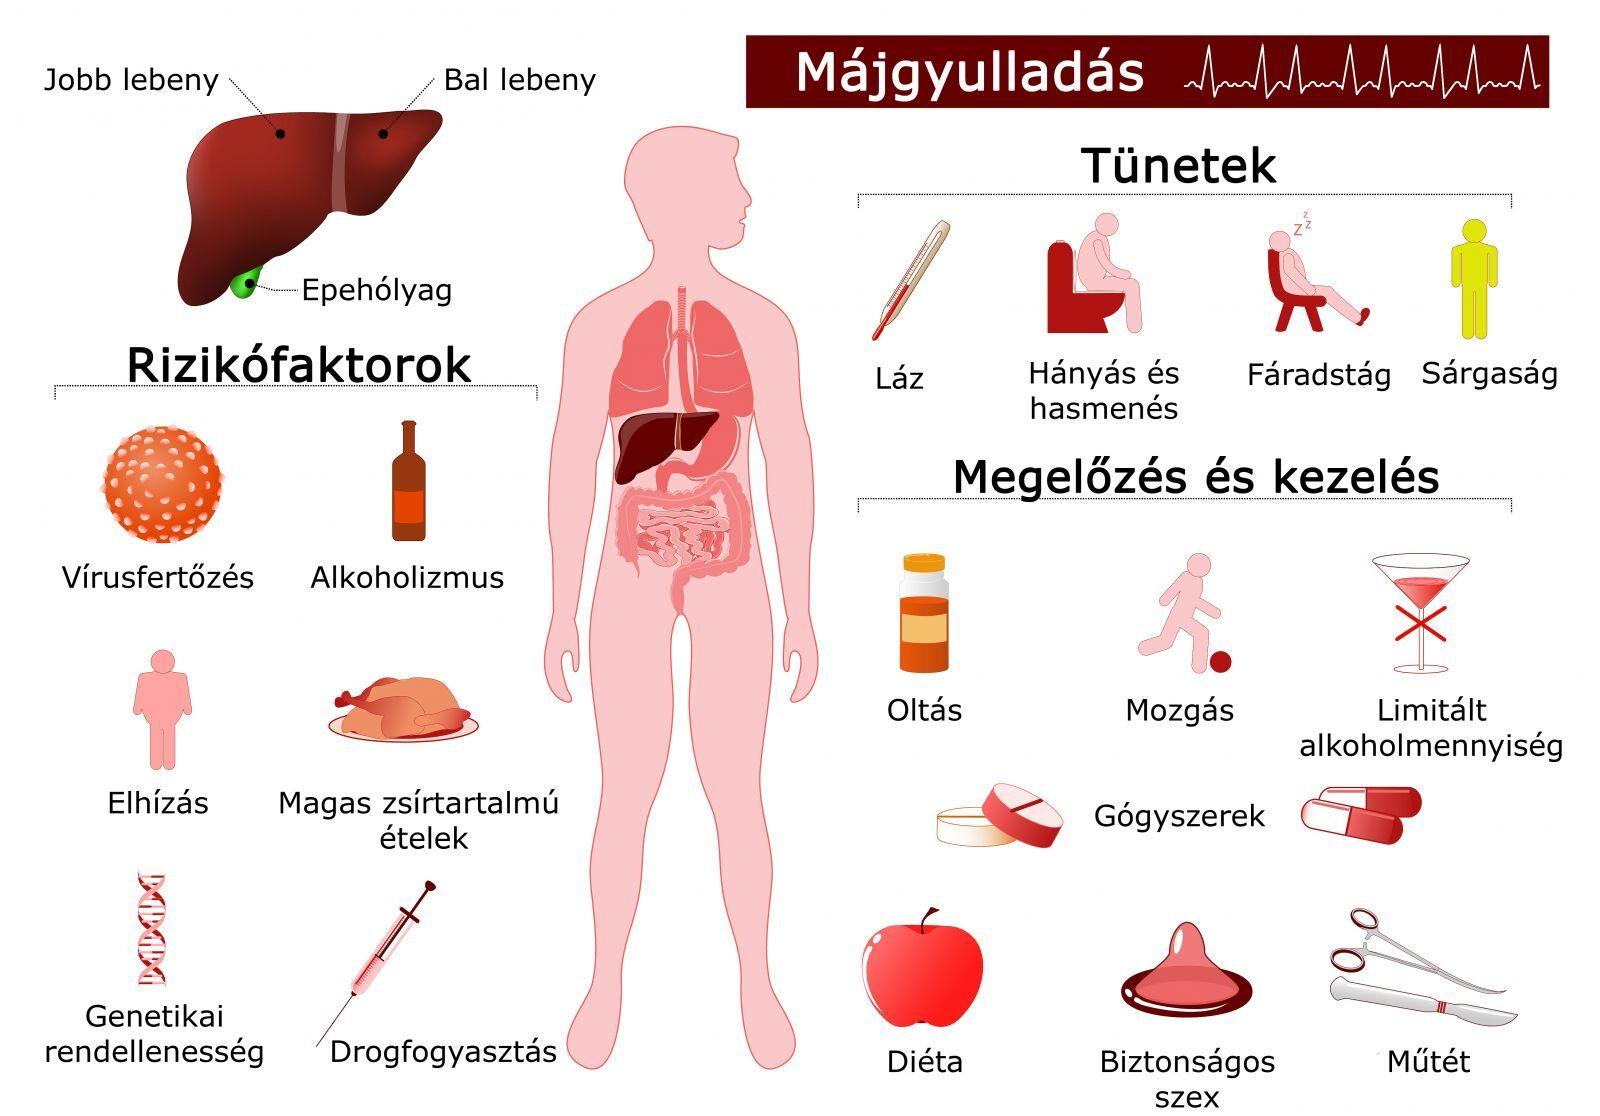 izom- és ízületi fájdalom, hepatitisz